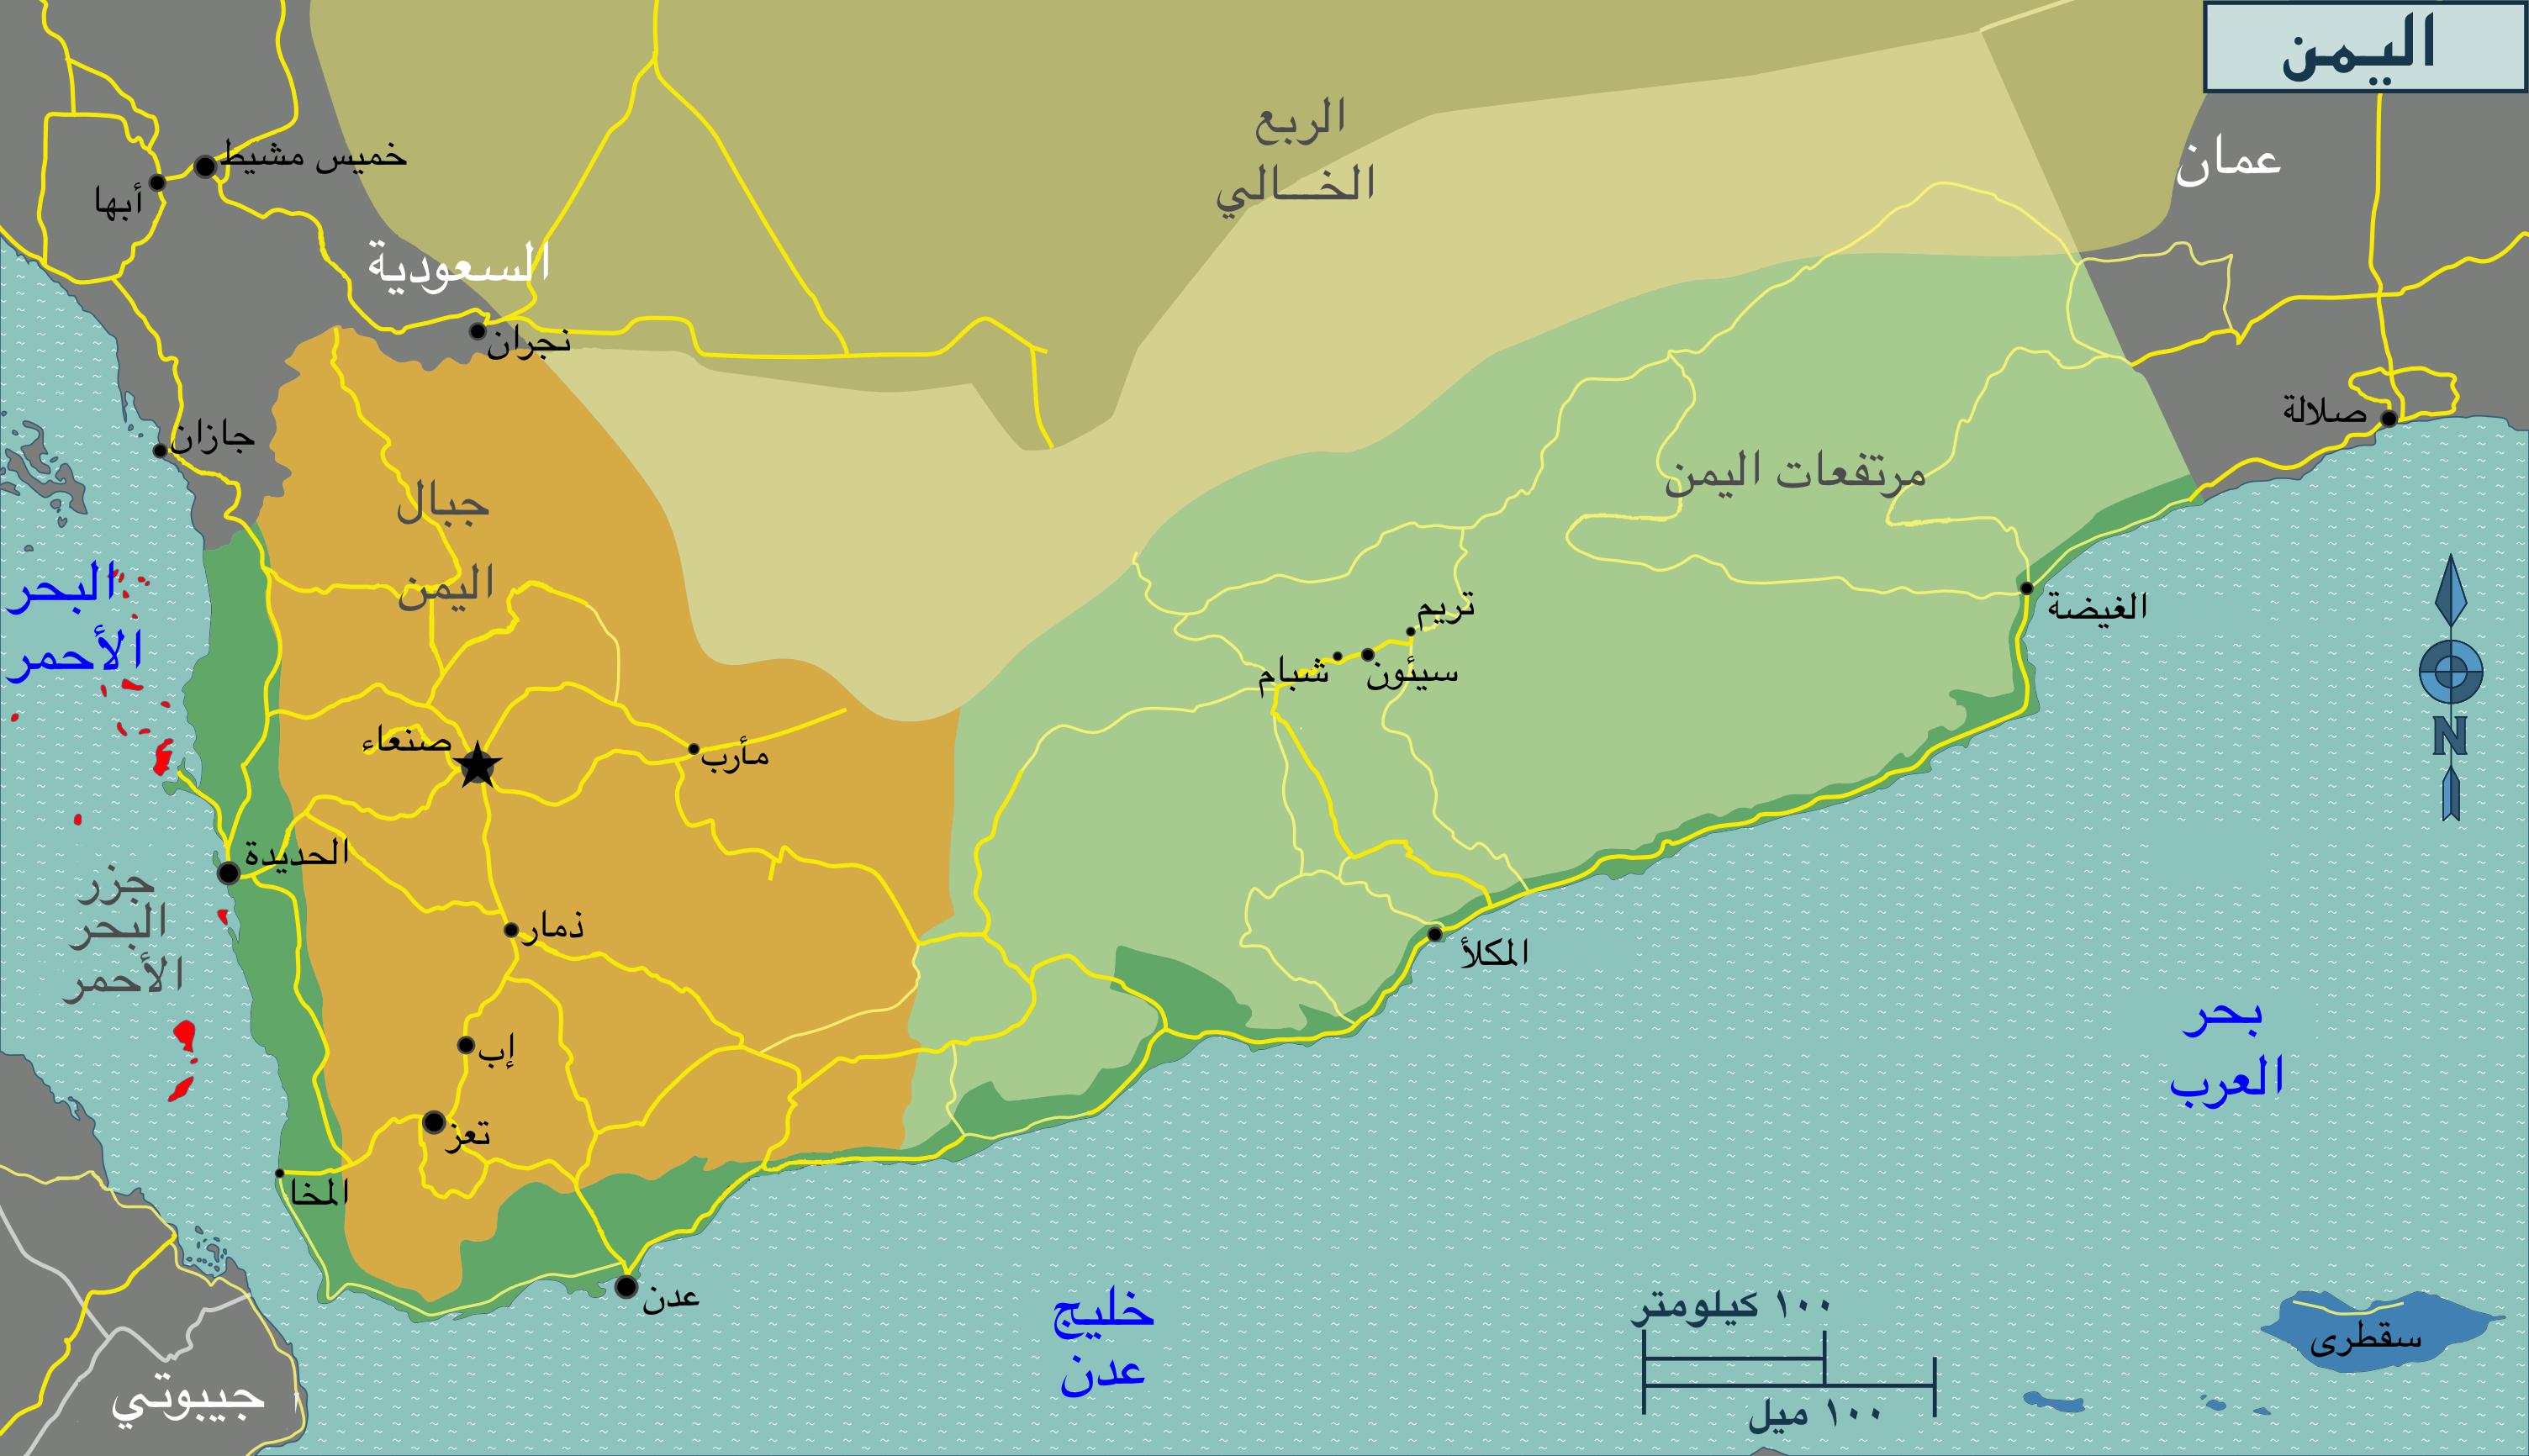 «ستراتفور»: أوراق اللعبة في اليمن تتركز في يد دول الخليج وقوى الحراك الجنوبي - ساسة بوست